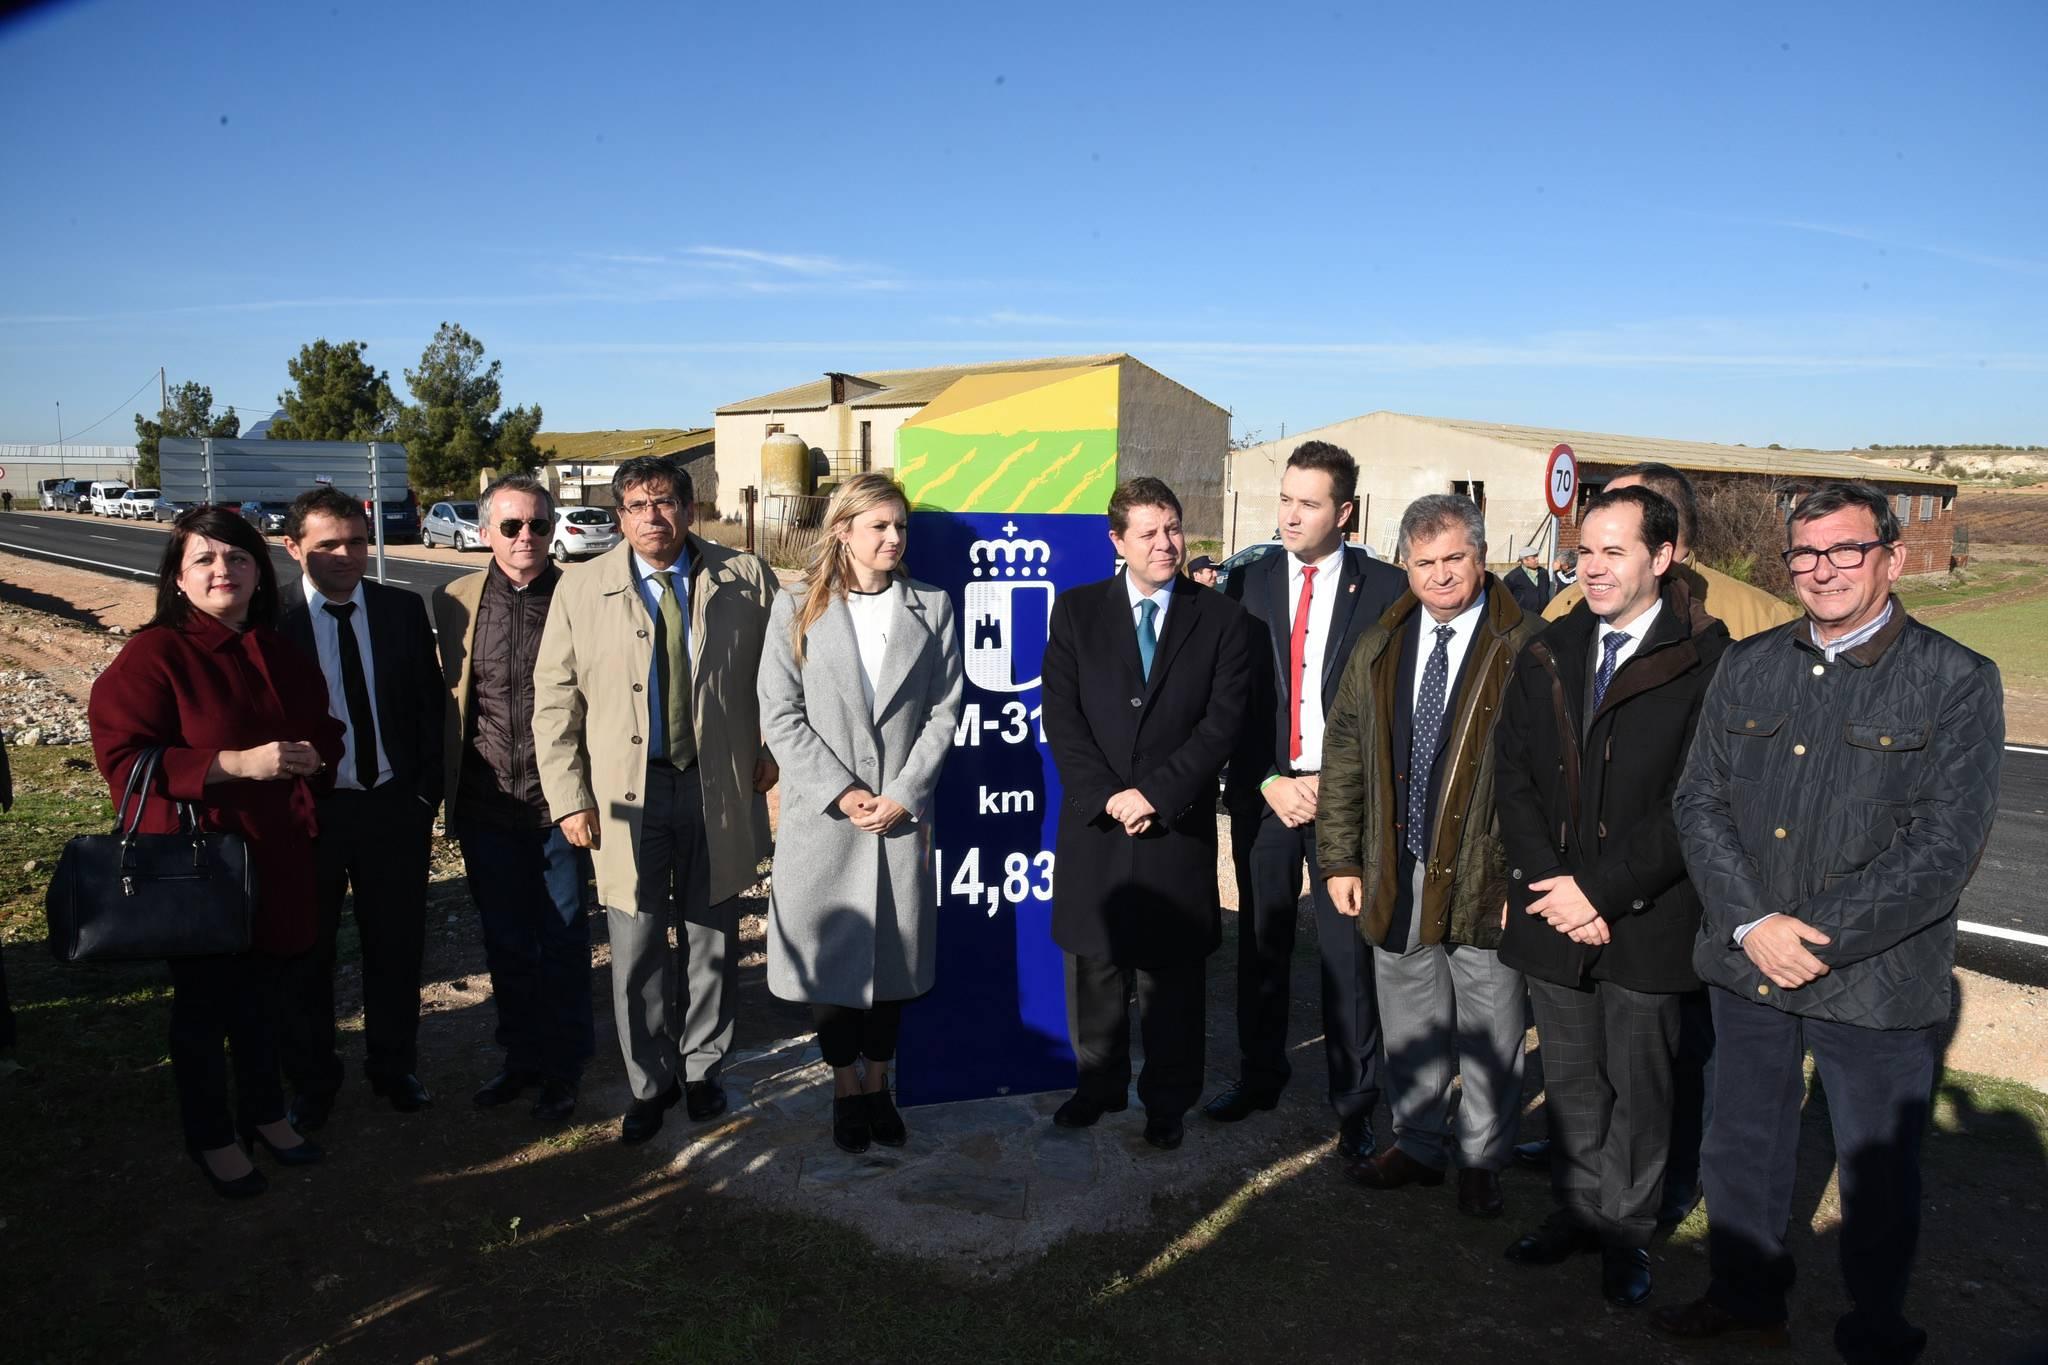 alcaldes-y-presidente-castilla-la-mancha-en-inauguracion-cm-3130